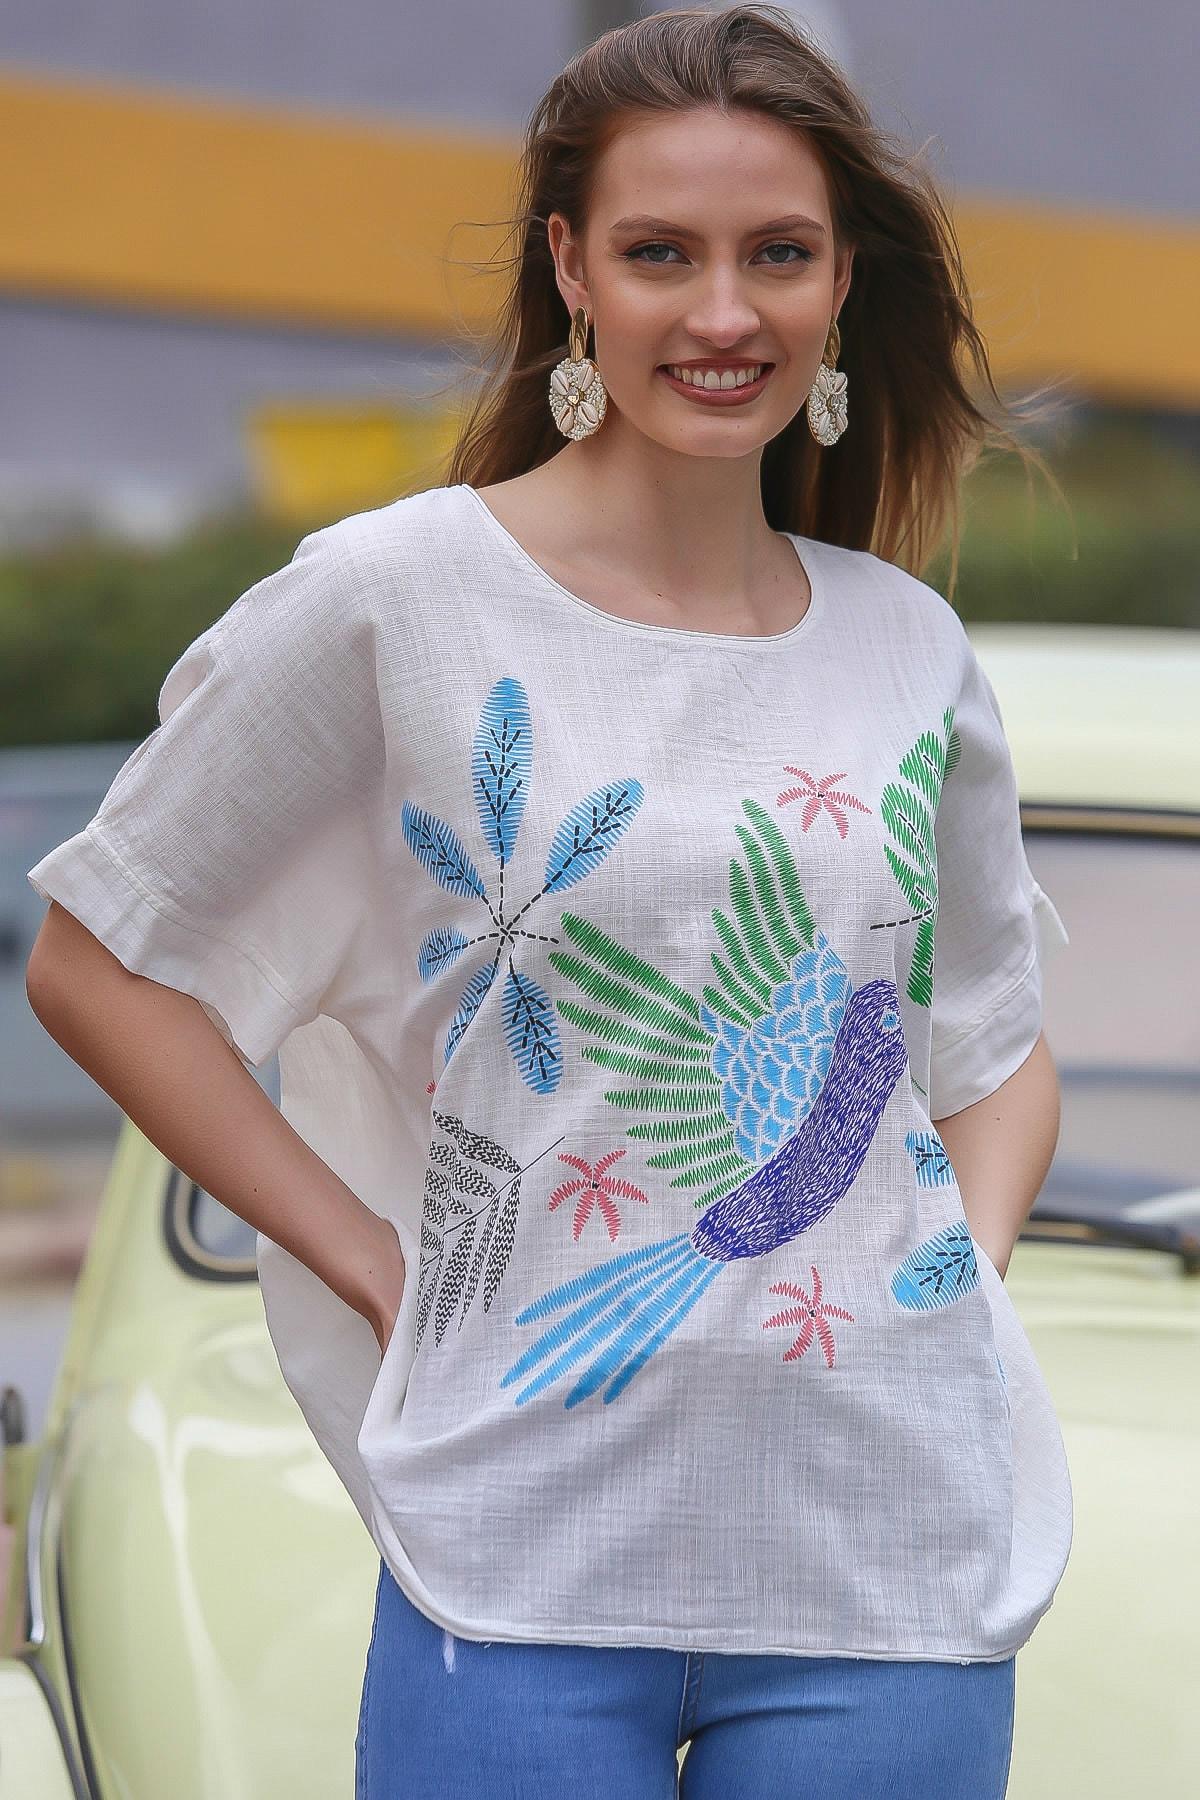 Chiccy Kadın Beyaz Sıfır Yaka Yalı Çapkını Kuş Desenli Salaş Dokuma Bluz M10010200BL95418 2